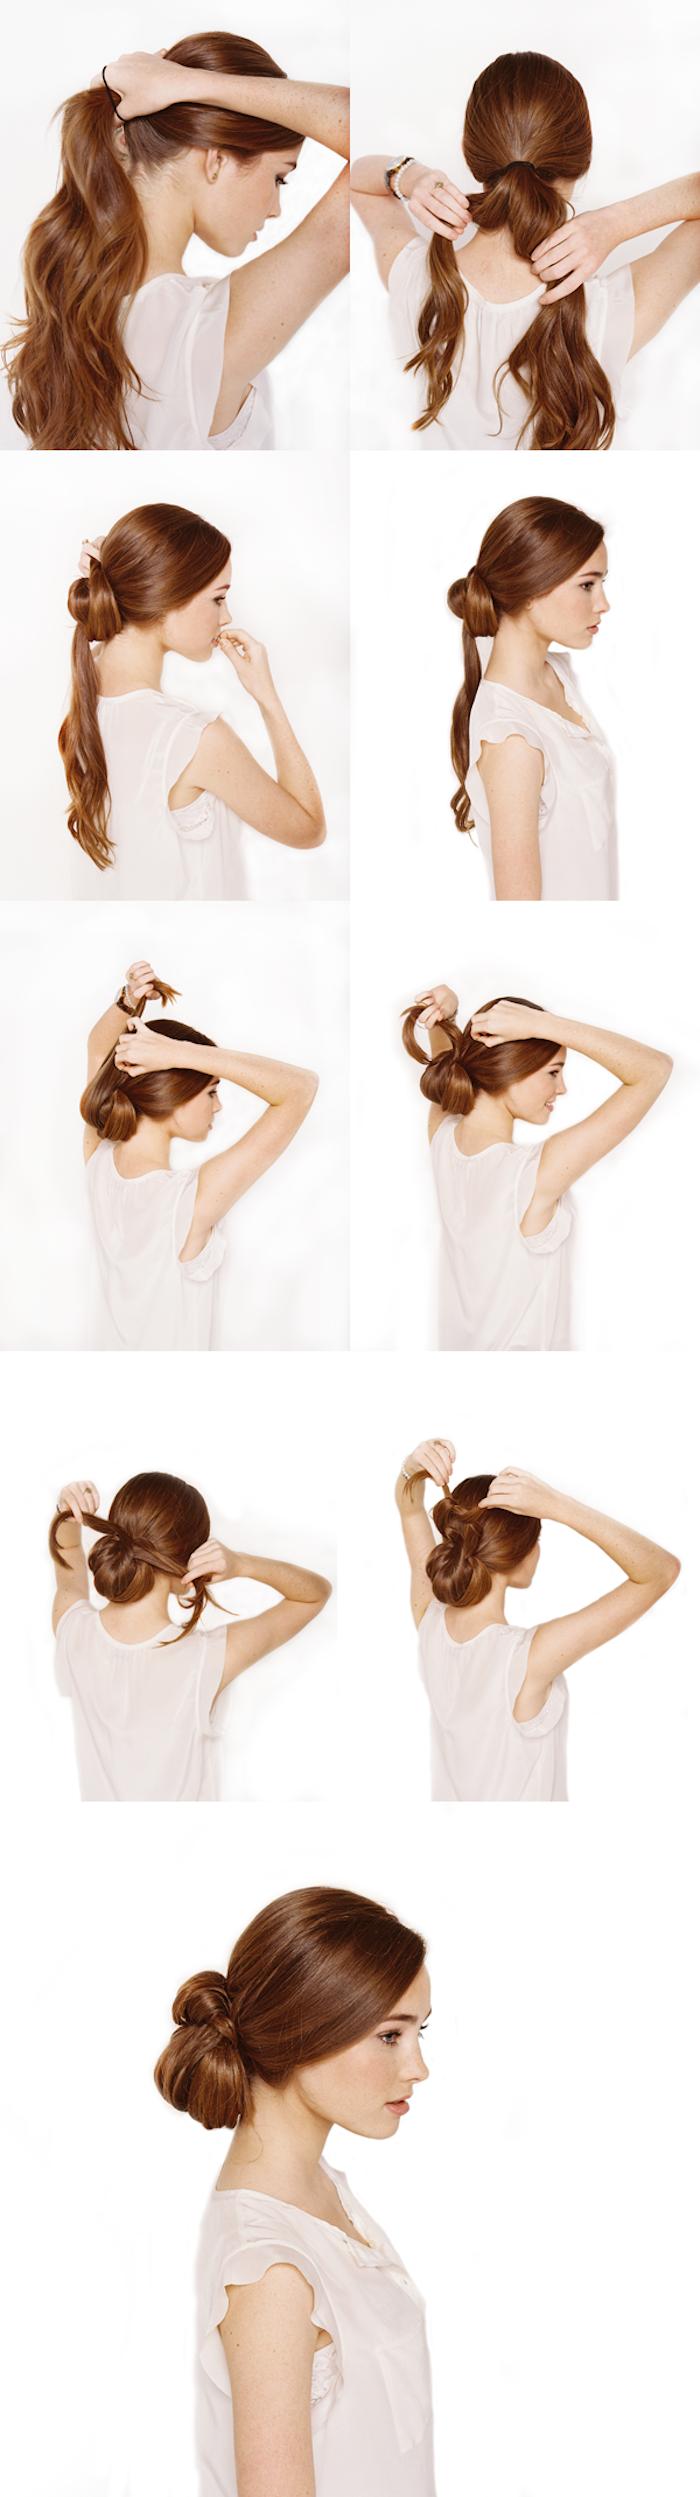 Niedrigen Dutt selber stylen, Schritt für Schritt Anleitung, Hochsteckfrisur für lange und mittellange Haare